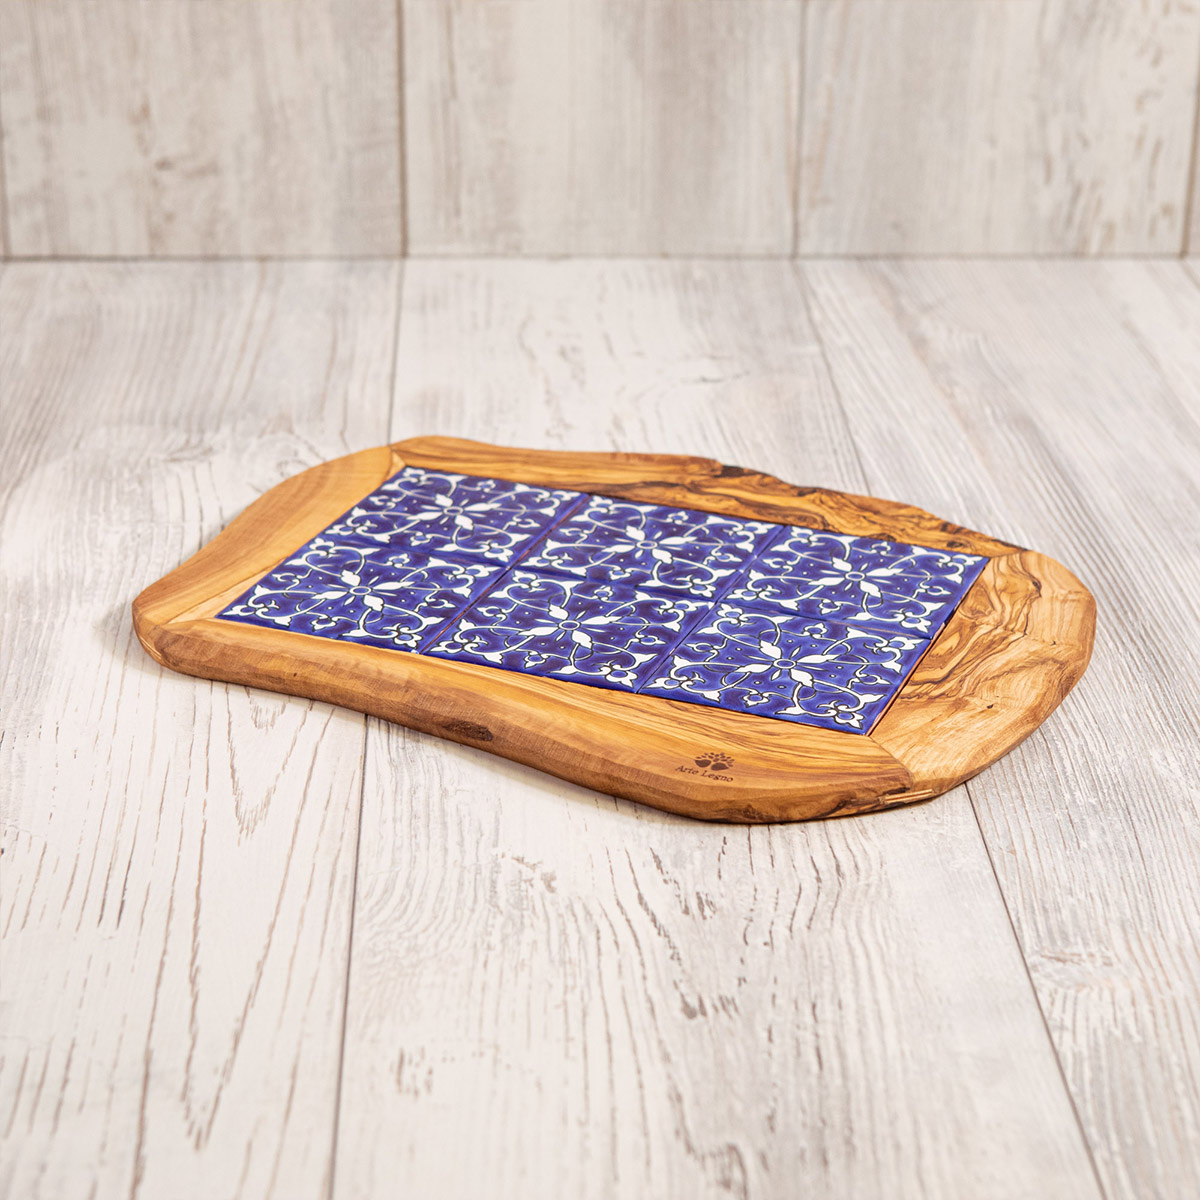 Vassoio 6 mattonelle legno e ceramica - Artelegno